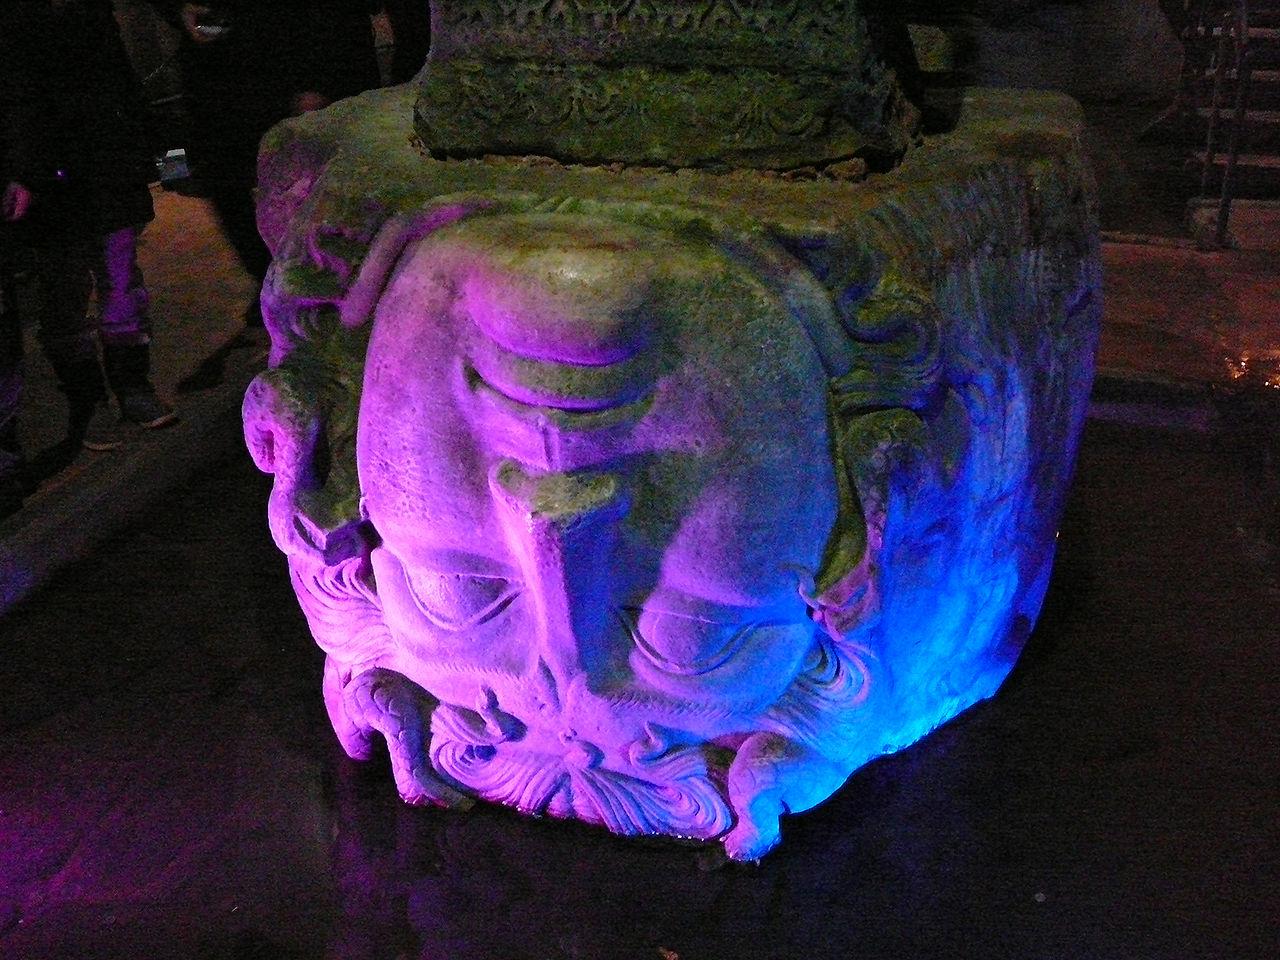 Колонна с головой Медузы у основания